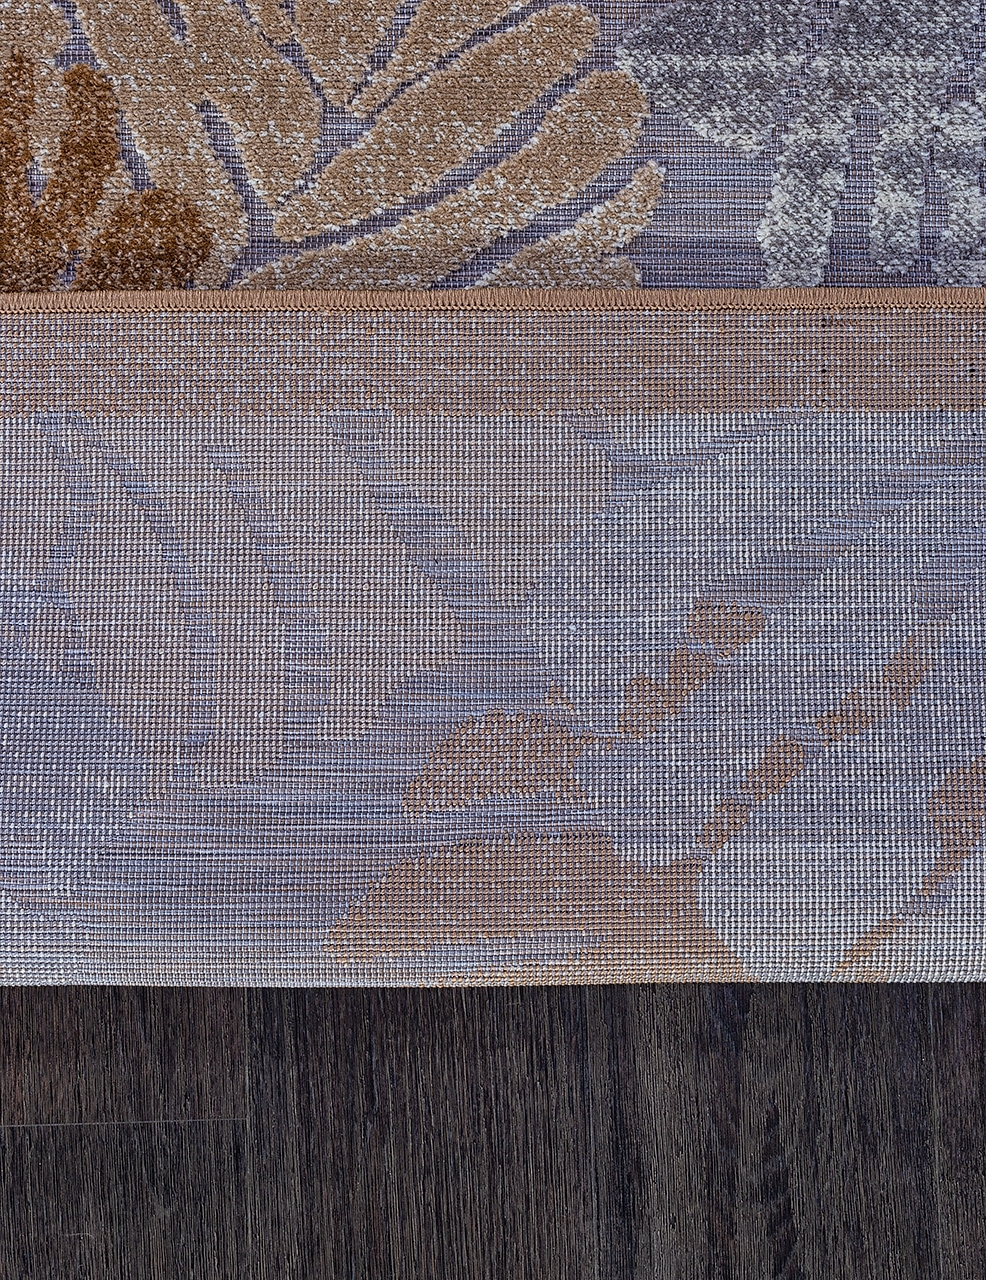 Ковер 6097 - BROWN-BEIGE - Прямоугольник - коллекция SIGMA - фото 5